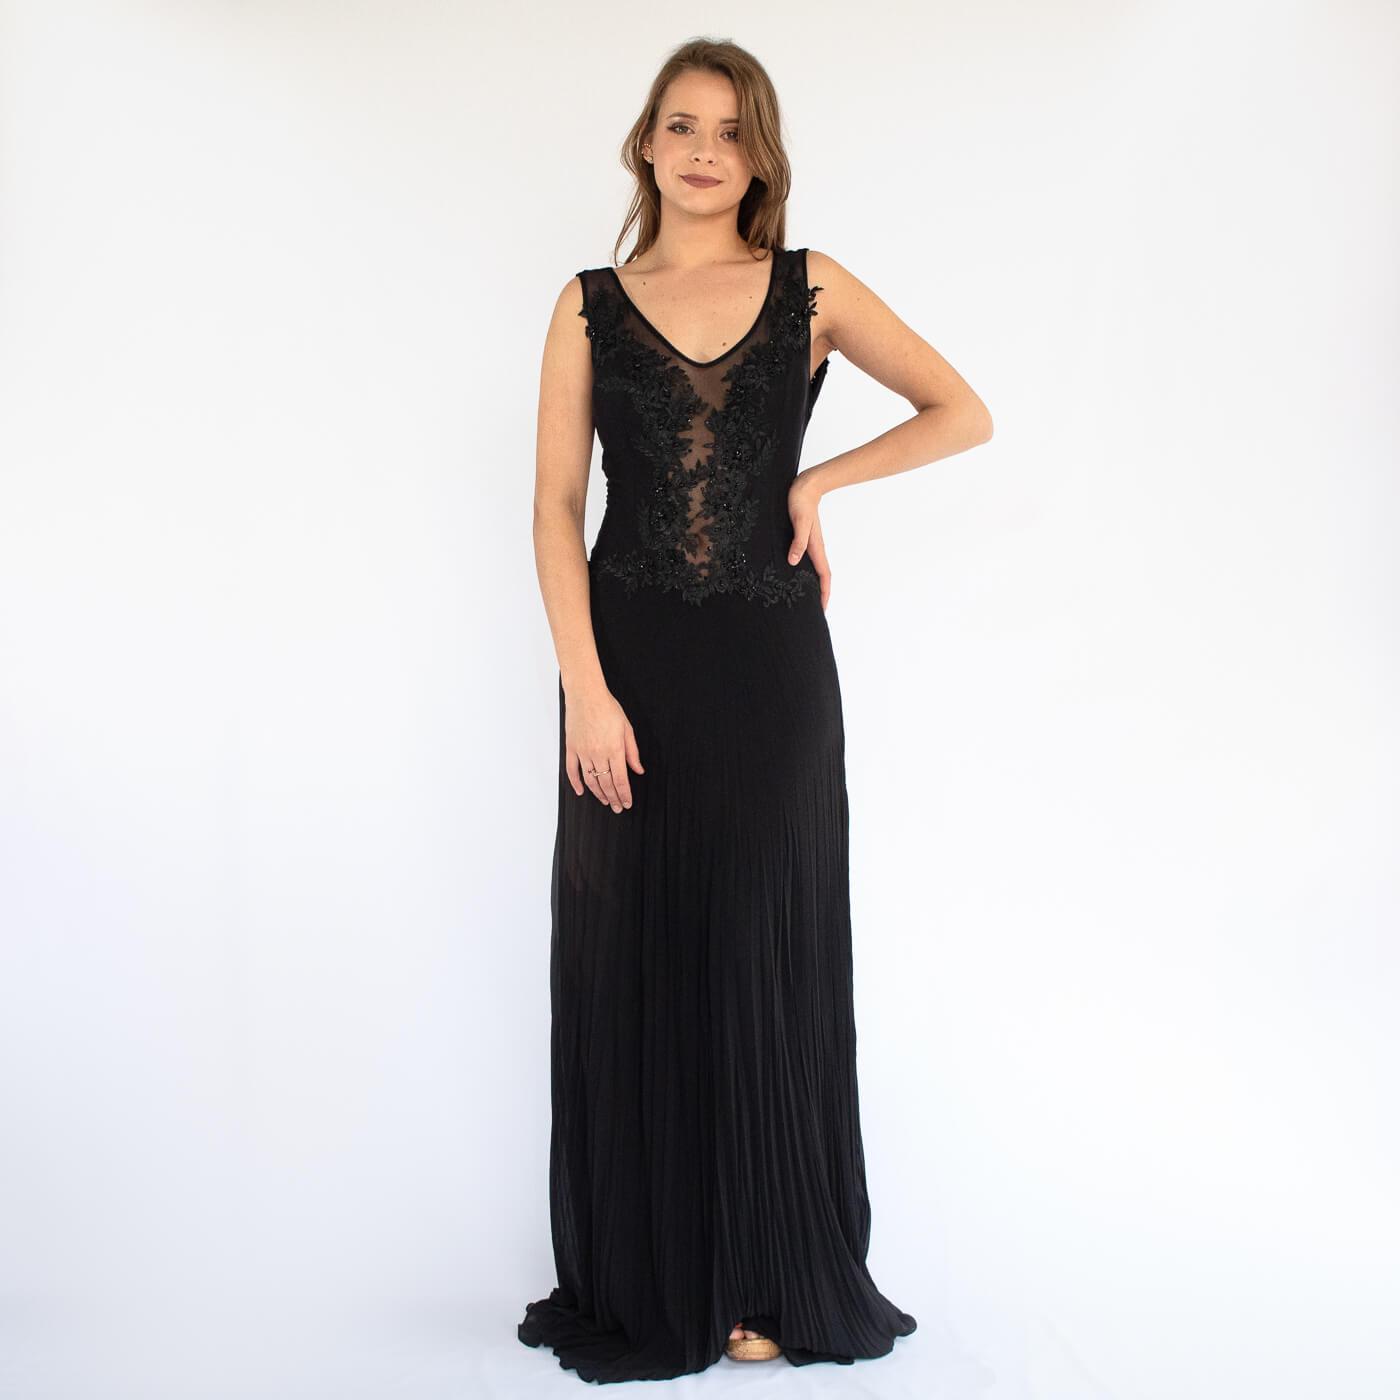 Vestido longo plissado Lika com detalhes em bordados e pedrarias